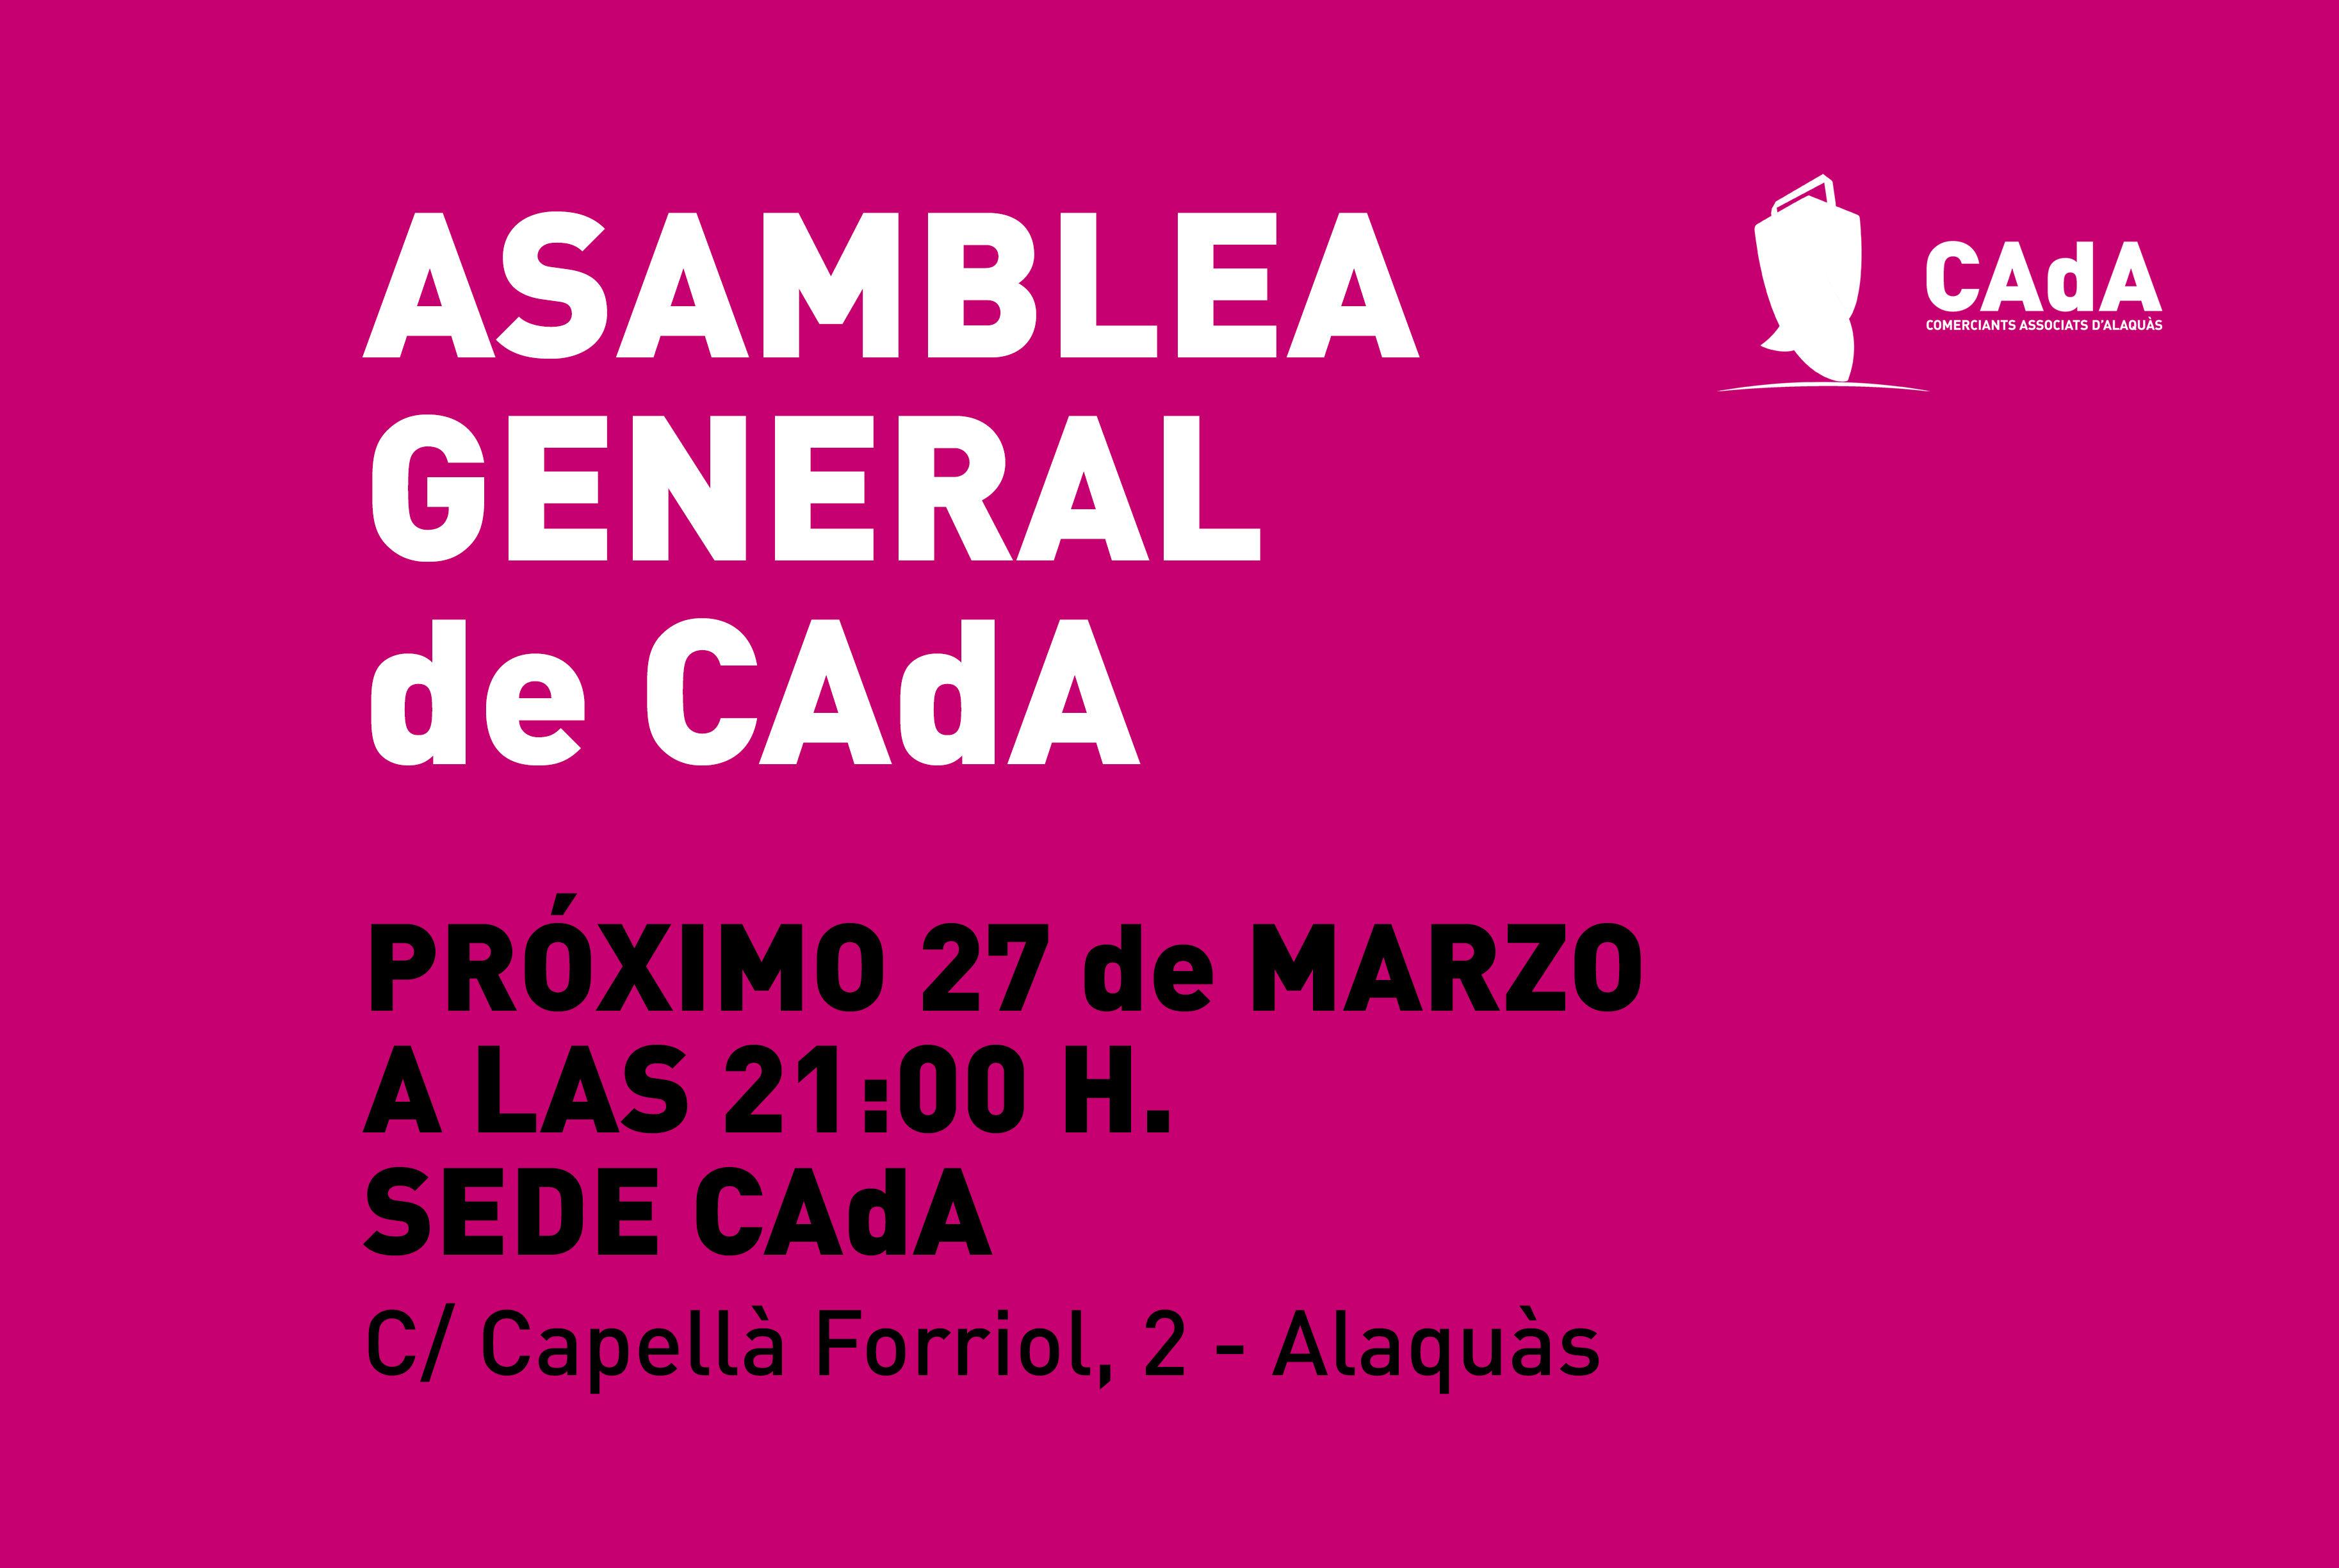 Asamblea-general-ordinaria-cada-2016-2017